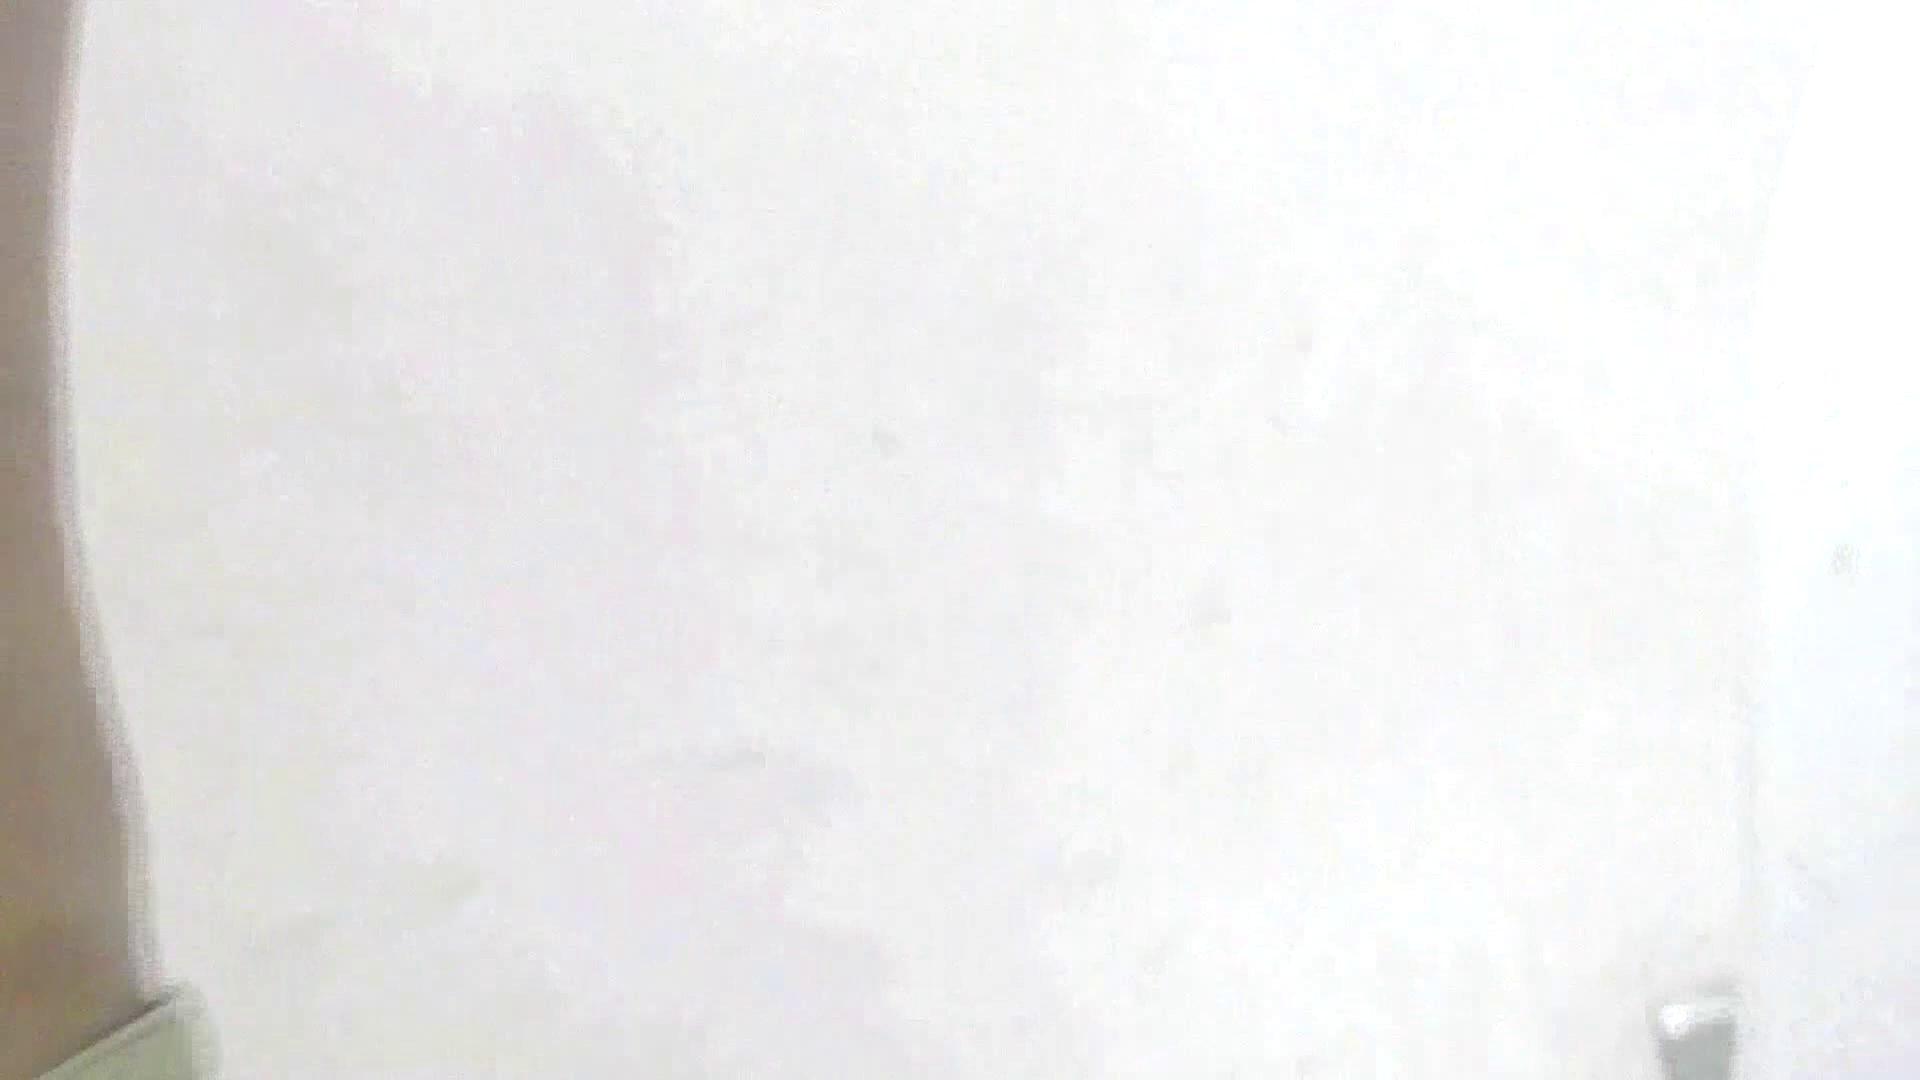 洗面所特攻隊 vol.X さらば!!特攻隊。【2015・08位】 洗面所  85pic 4